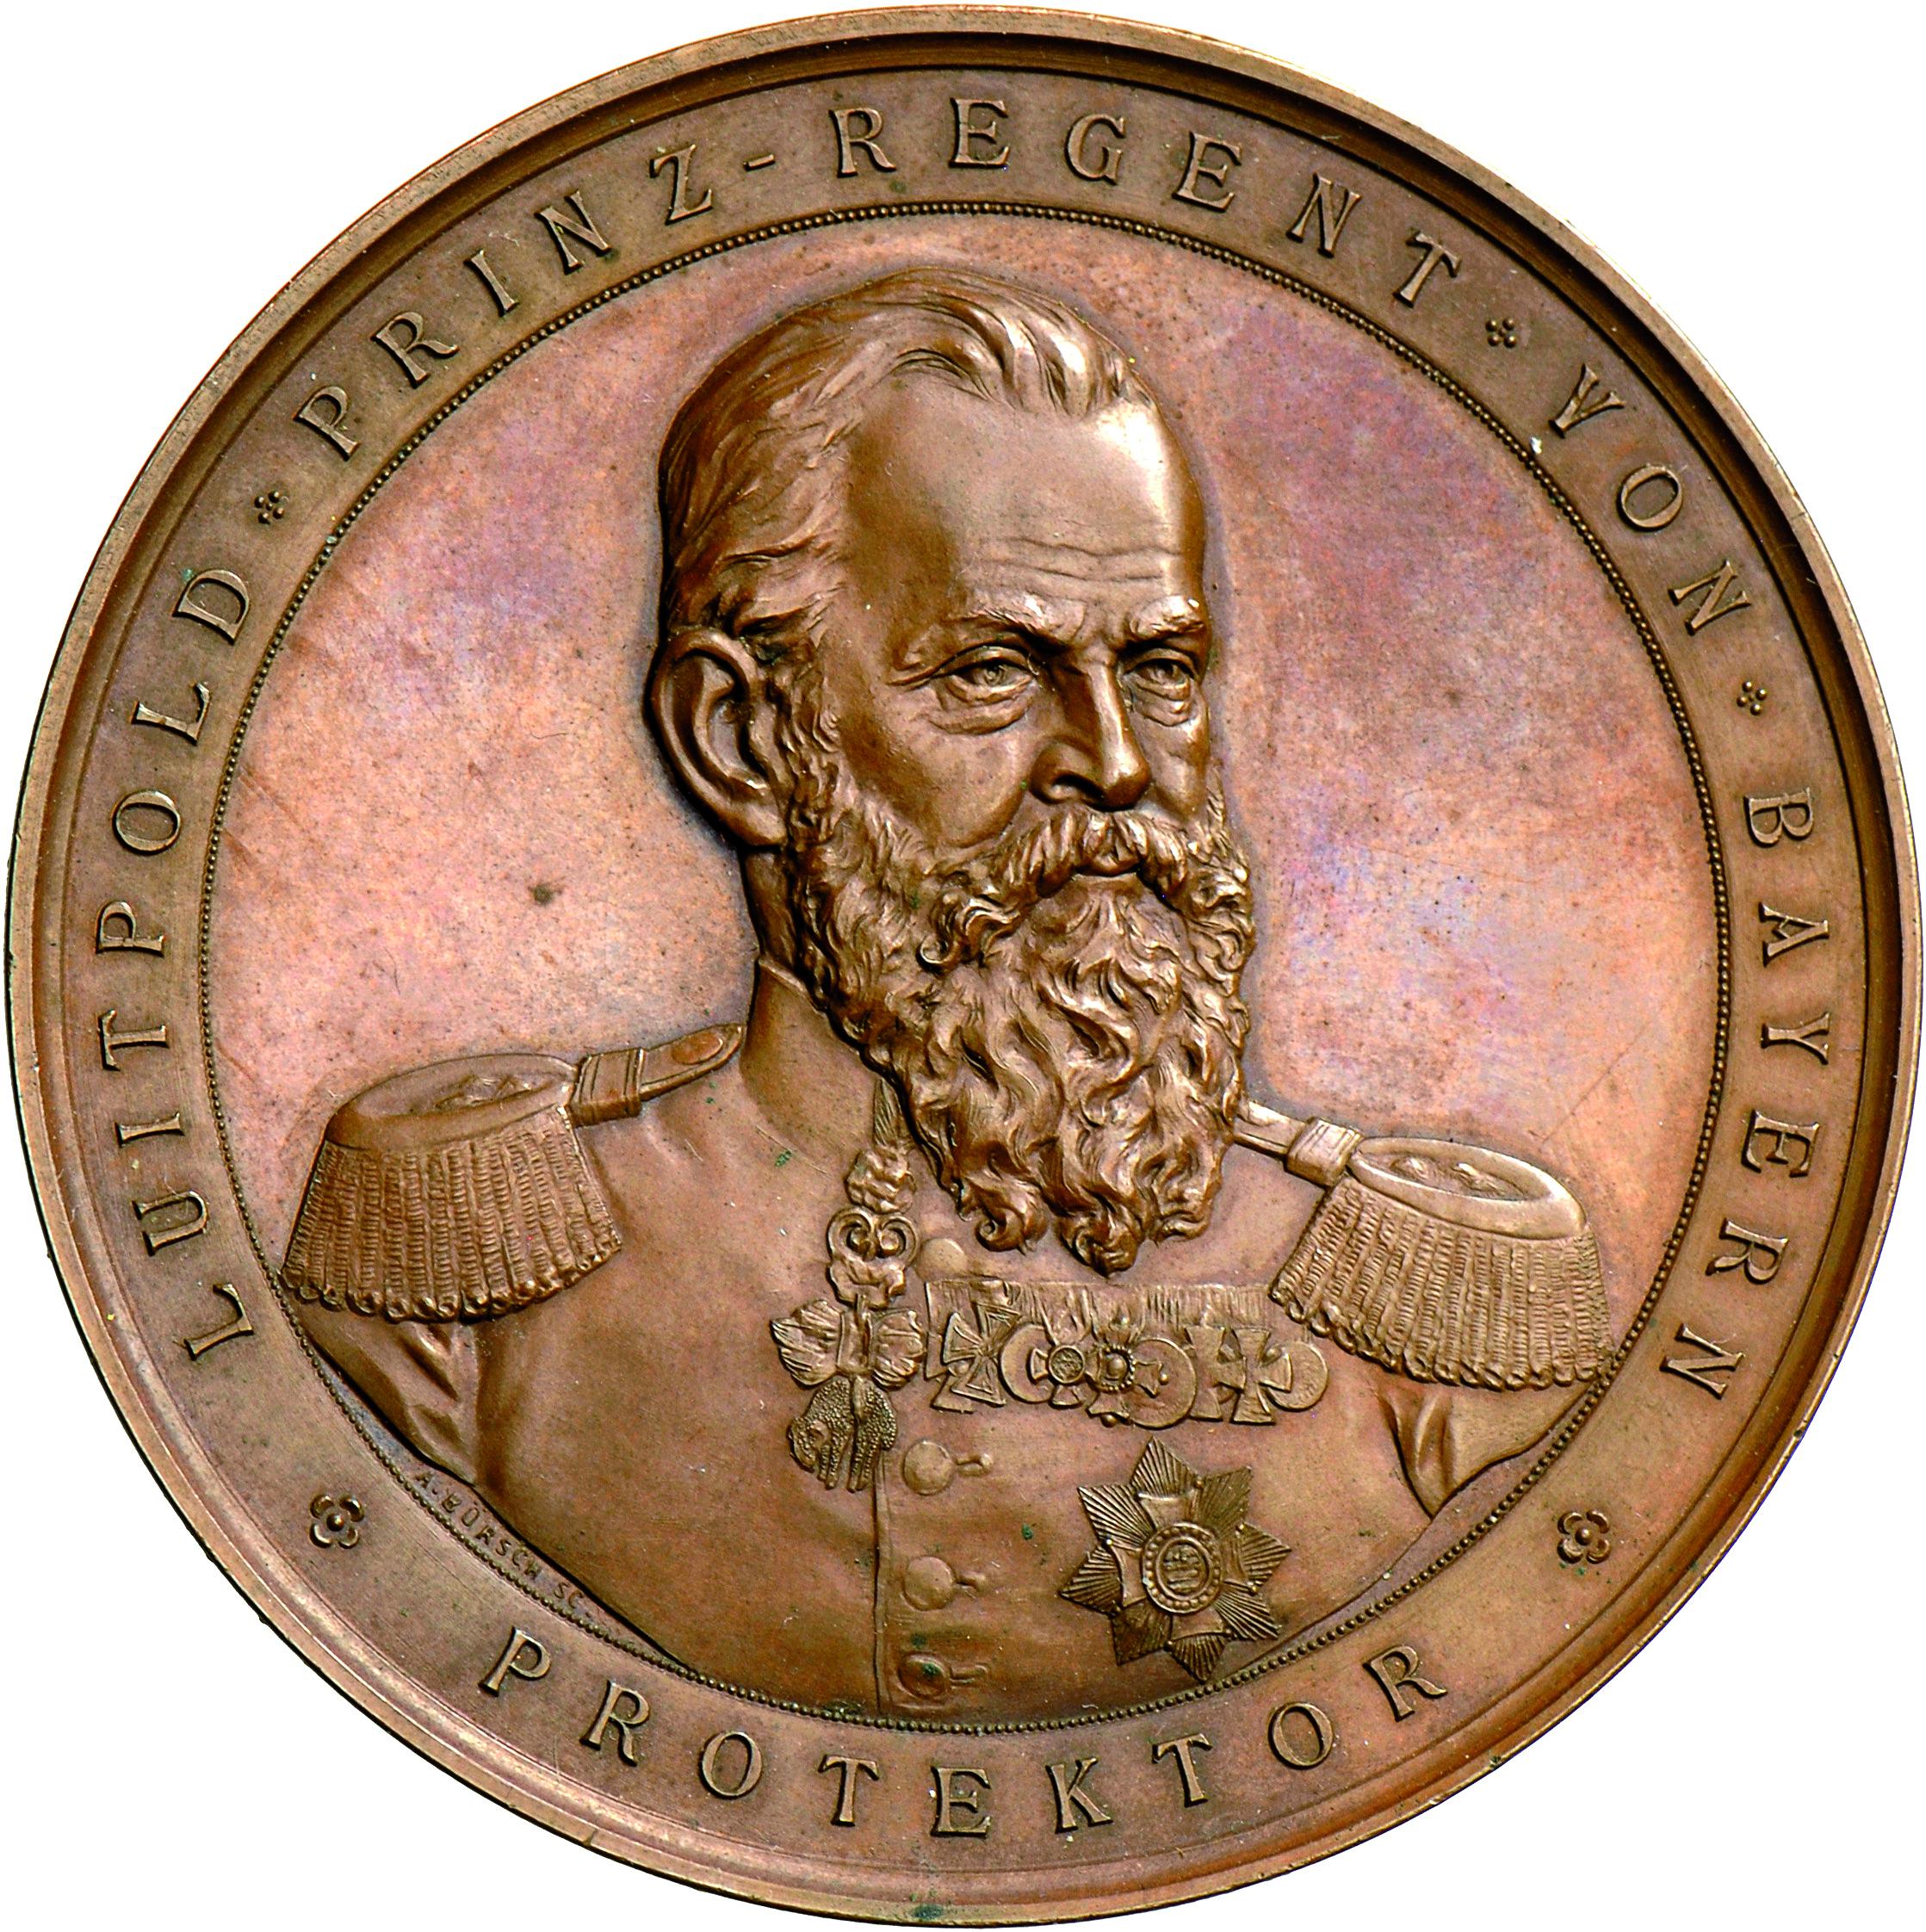 Lot 4571 - Medaillen Deutschland   Münzen  -  Auktionshaus Christoph Gärtner GmbH & Co. KG Banknotes & Coins Auction #39 Day 2